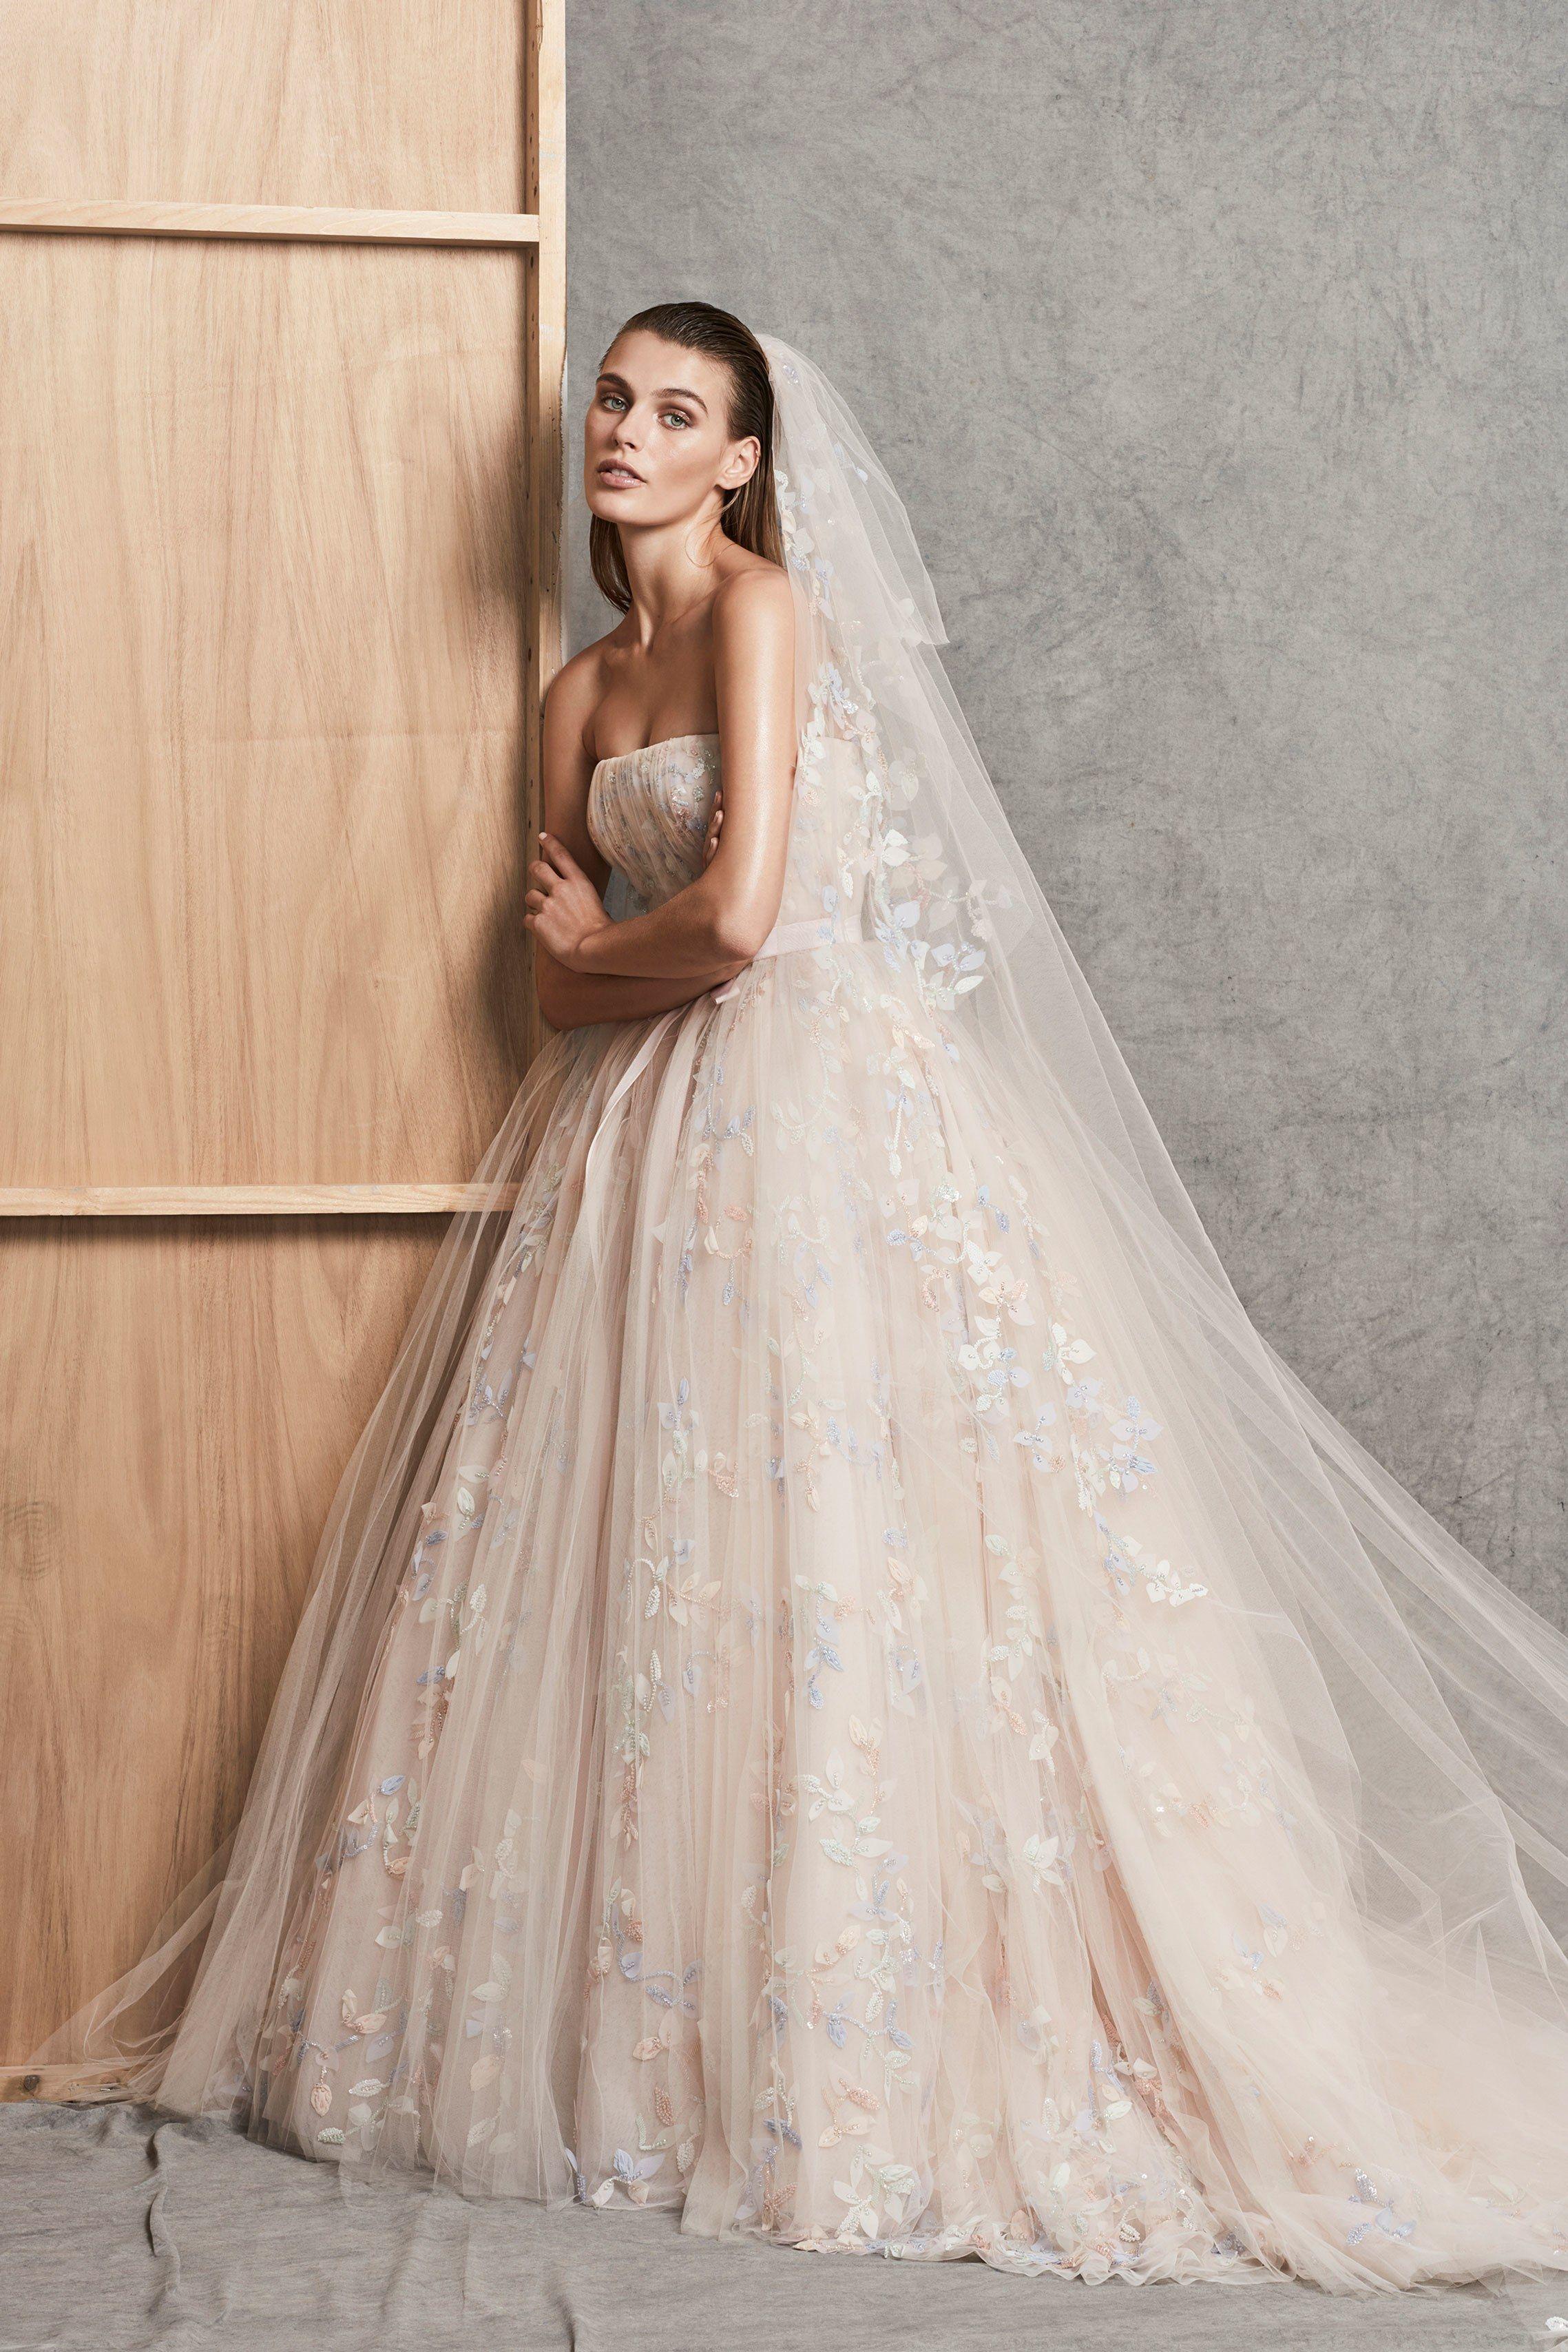 Die schönsten Brautkleider für 2018 | Ines di santo, Oscar de la ...